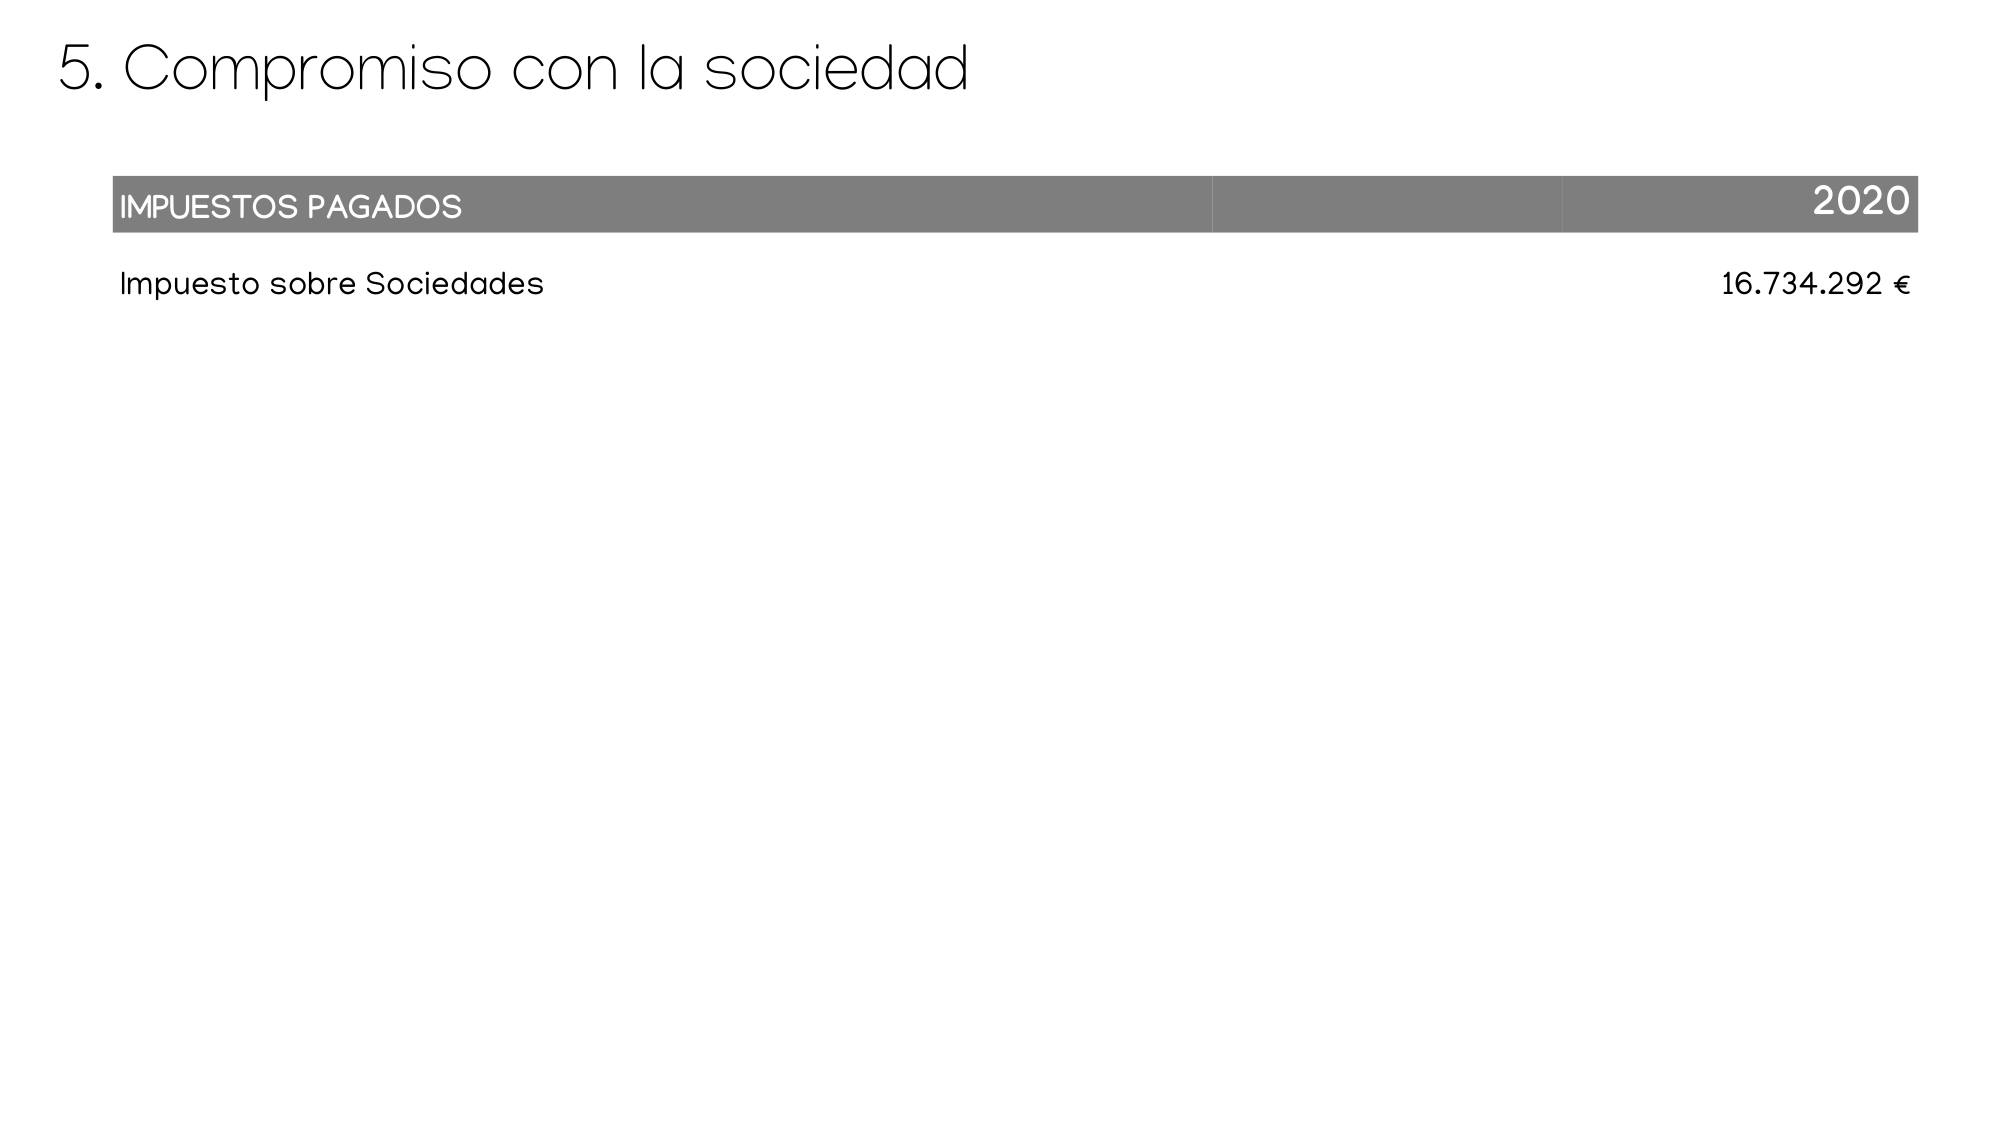 RESULTADOS_ pamesa_grupo_empresarial_page-0039